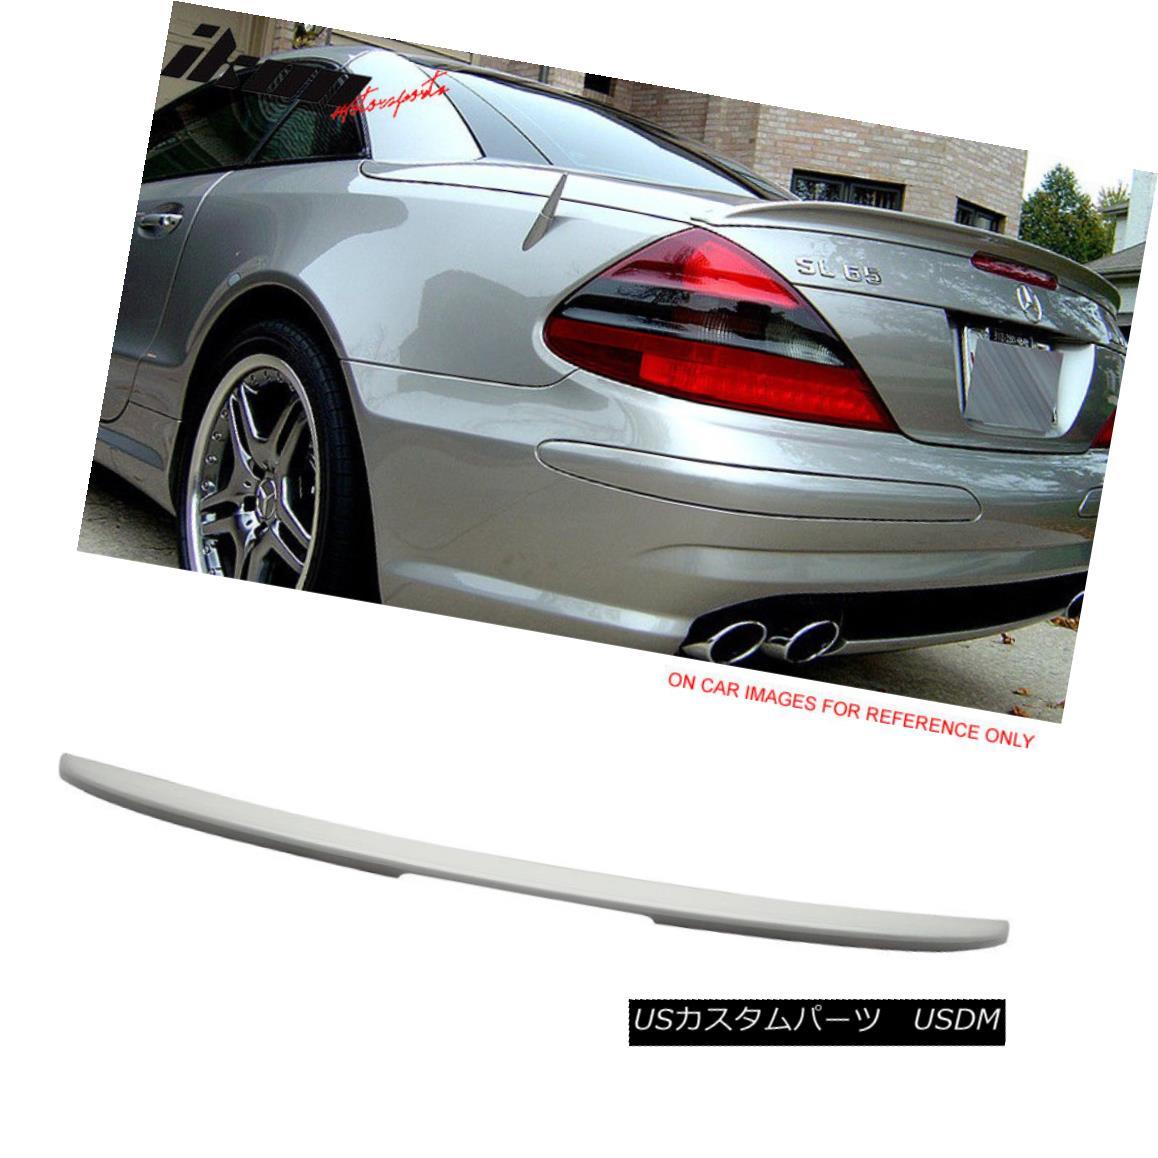 エアロパーツ Fits 03-11 Benz SL-Class R230 AMG Trunk Spoiler Painted Alabaster White #960 フィット03-11ベンツSLクラスR230 AMGトランクスポイラー塗装アラバスターホワイト#960